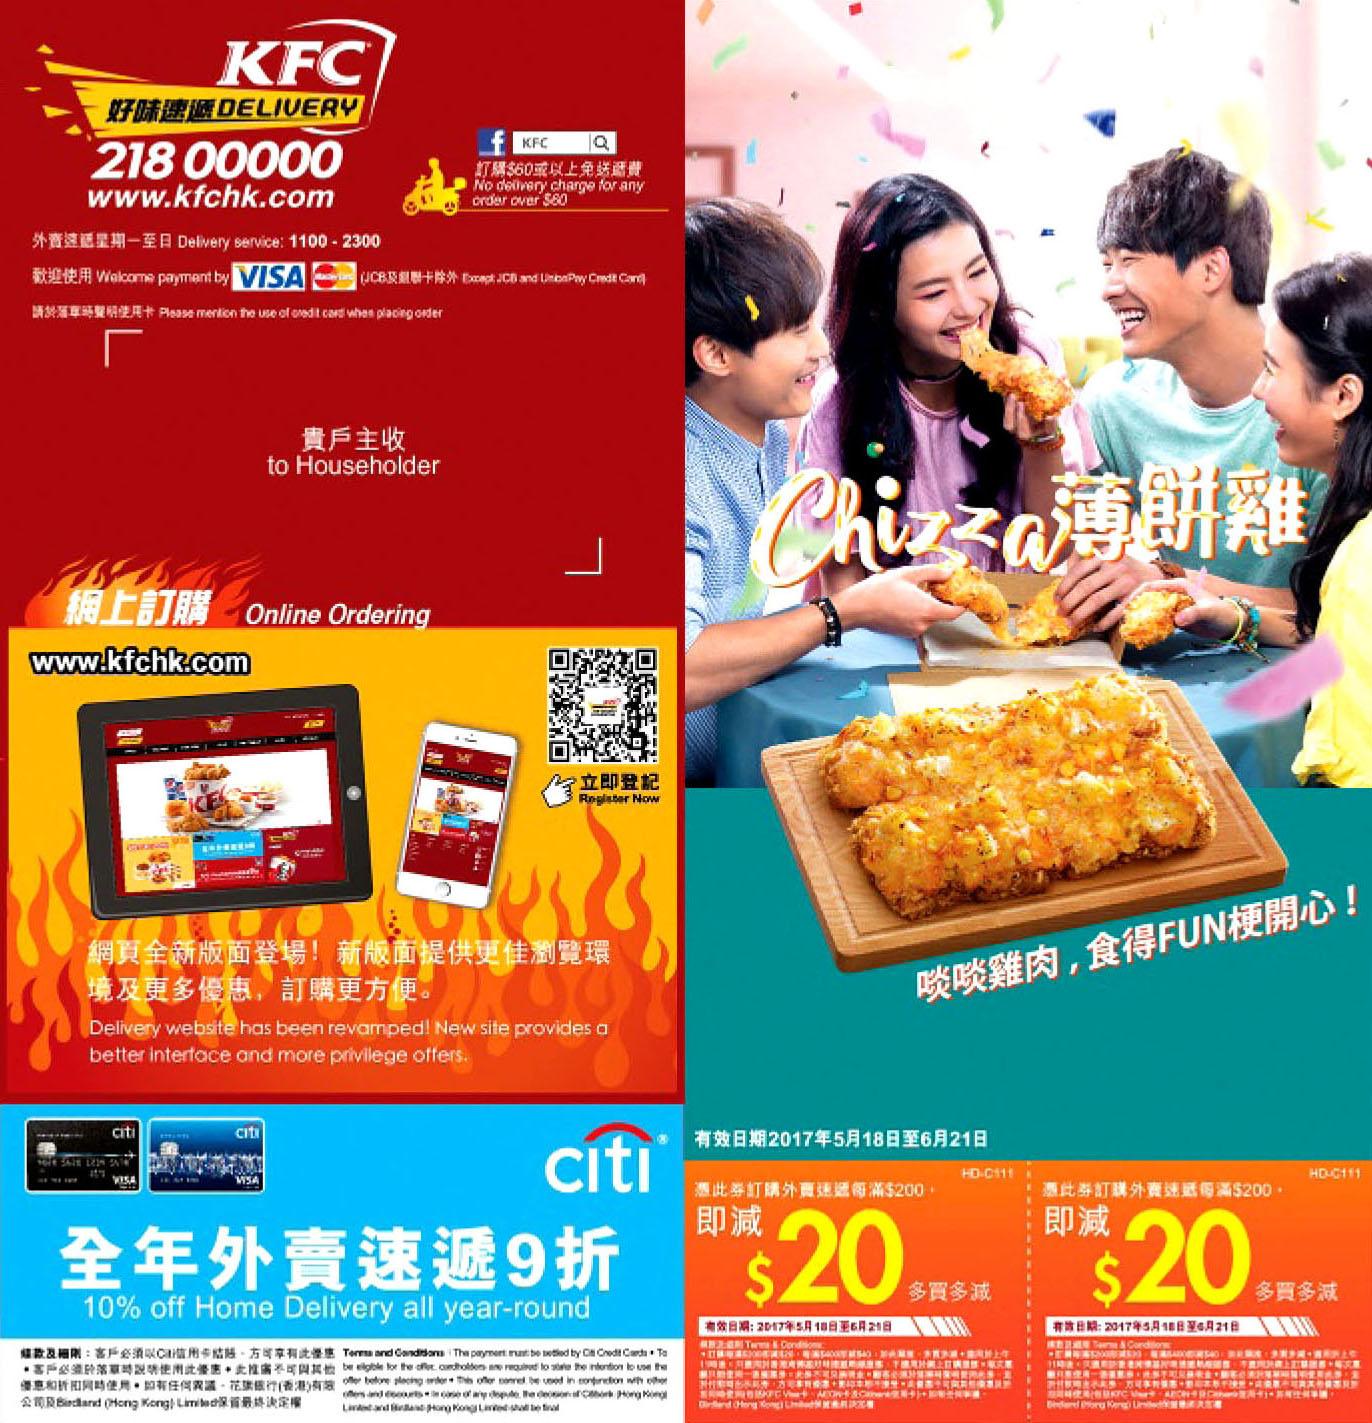 香港肯德基家鄉雞餐廳網上網站外賣速遞 KFC hk menu delivery online超值套餐單餐劵優惠價錢電話預訂服務 | 必勝批 ...